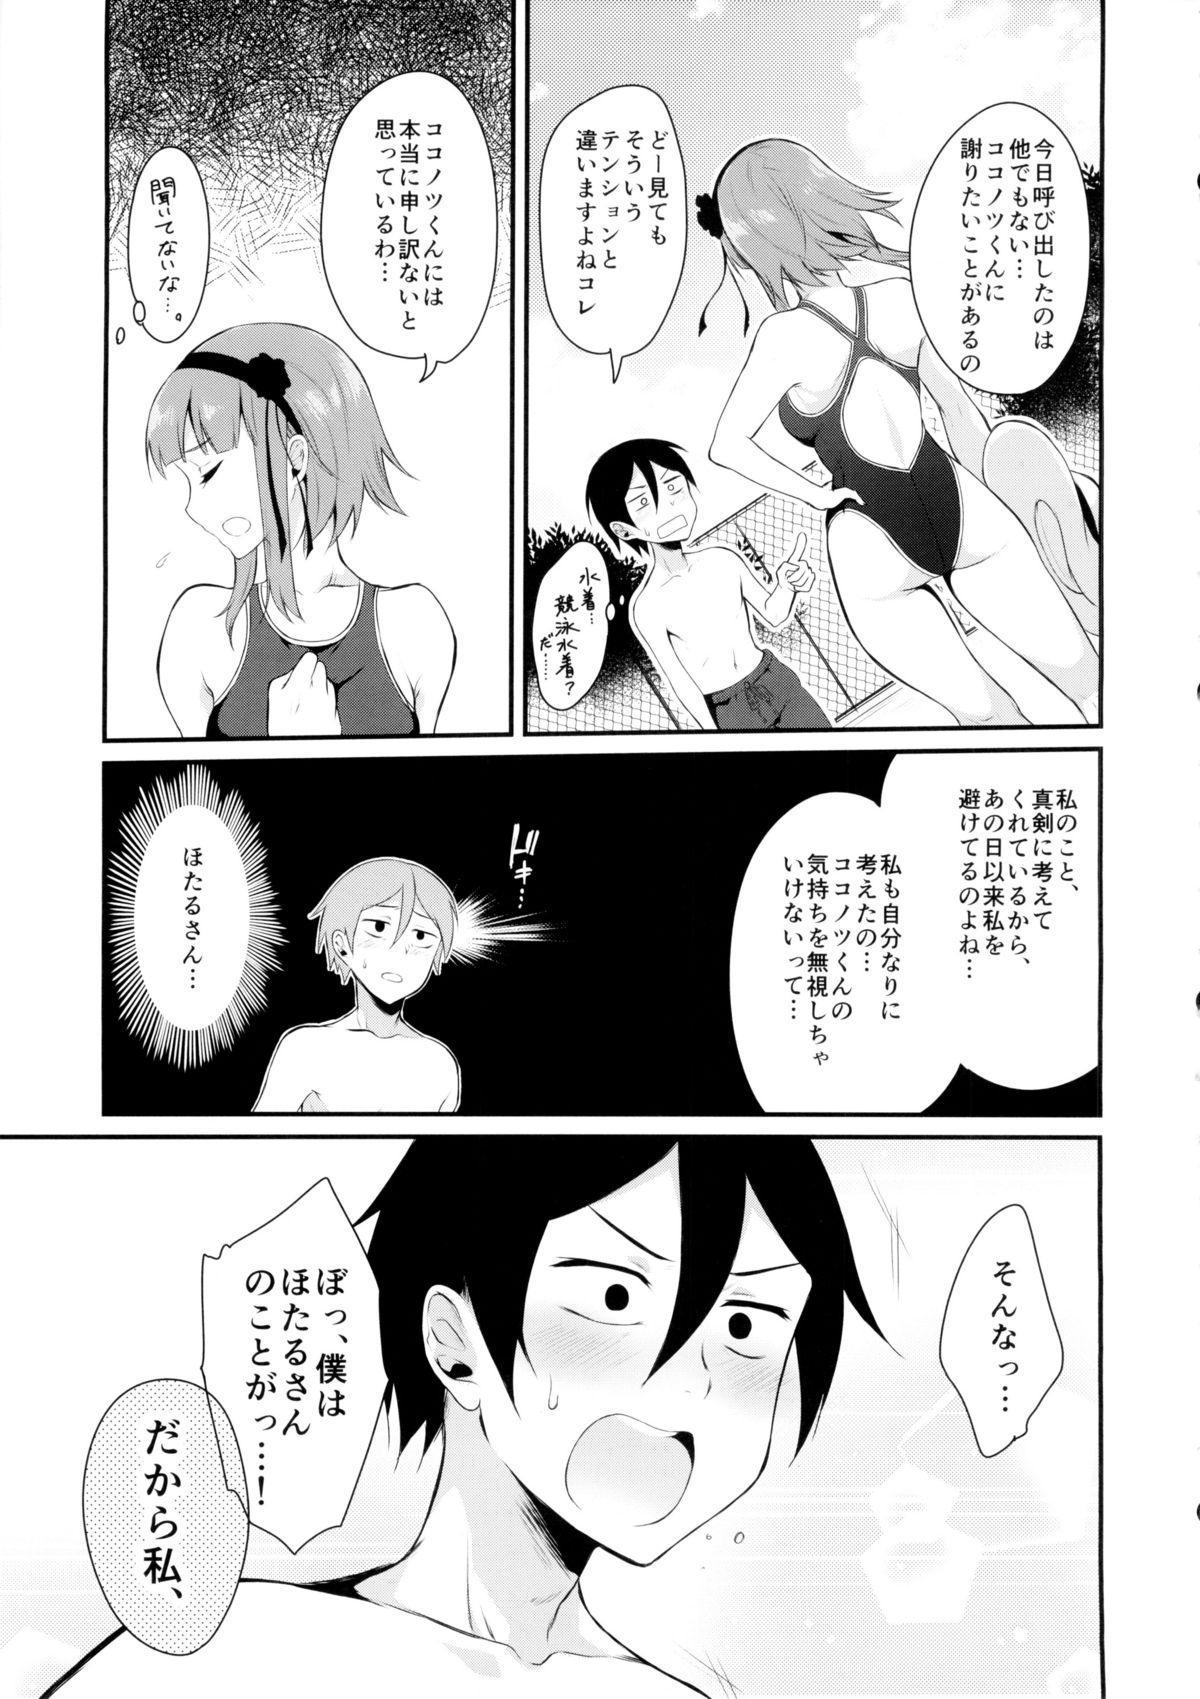 Otona no dagashi 2 6